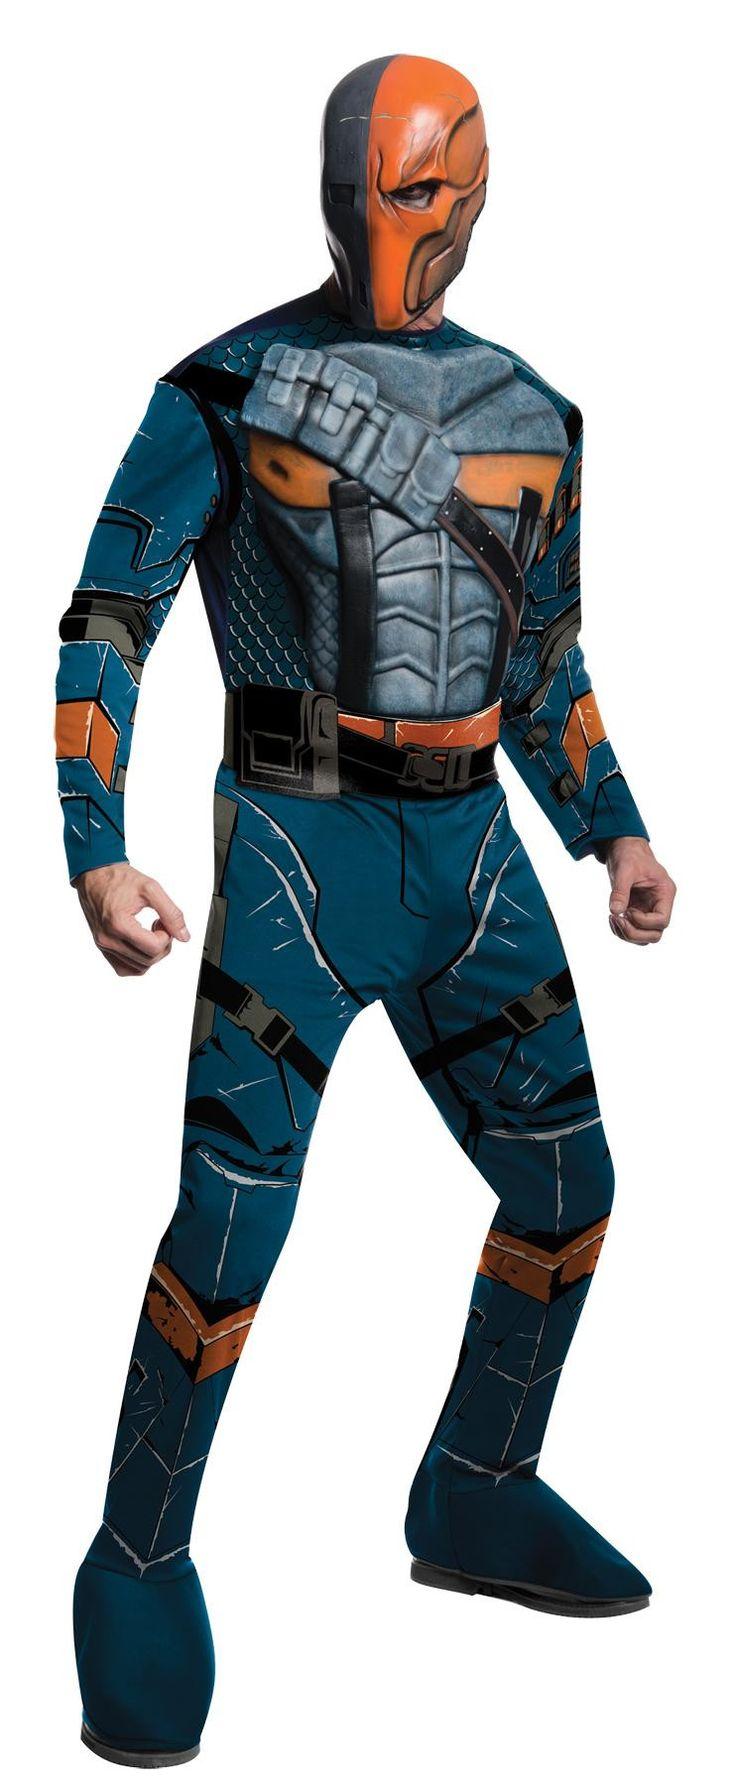 Best 25+ Deathstroke costume ideas on Pinterest | Deathstroke ...